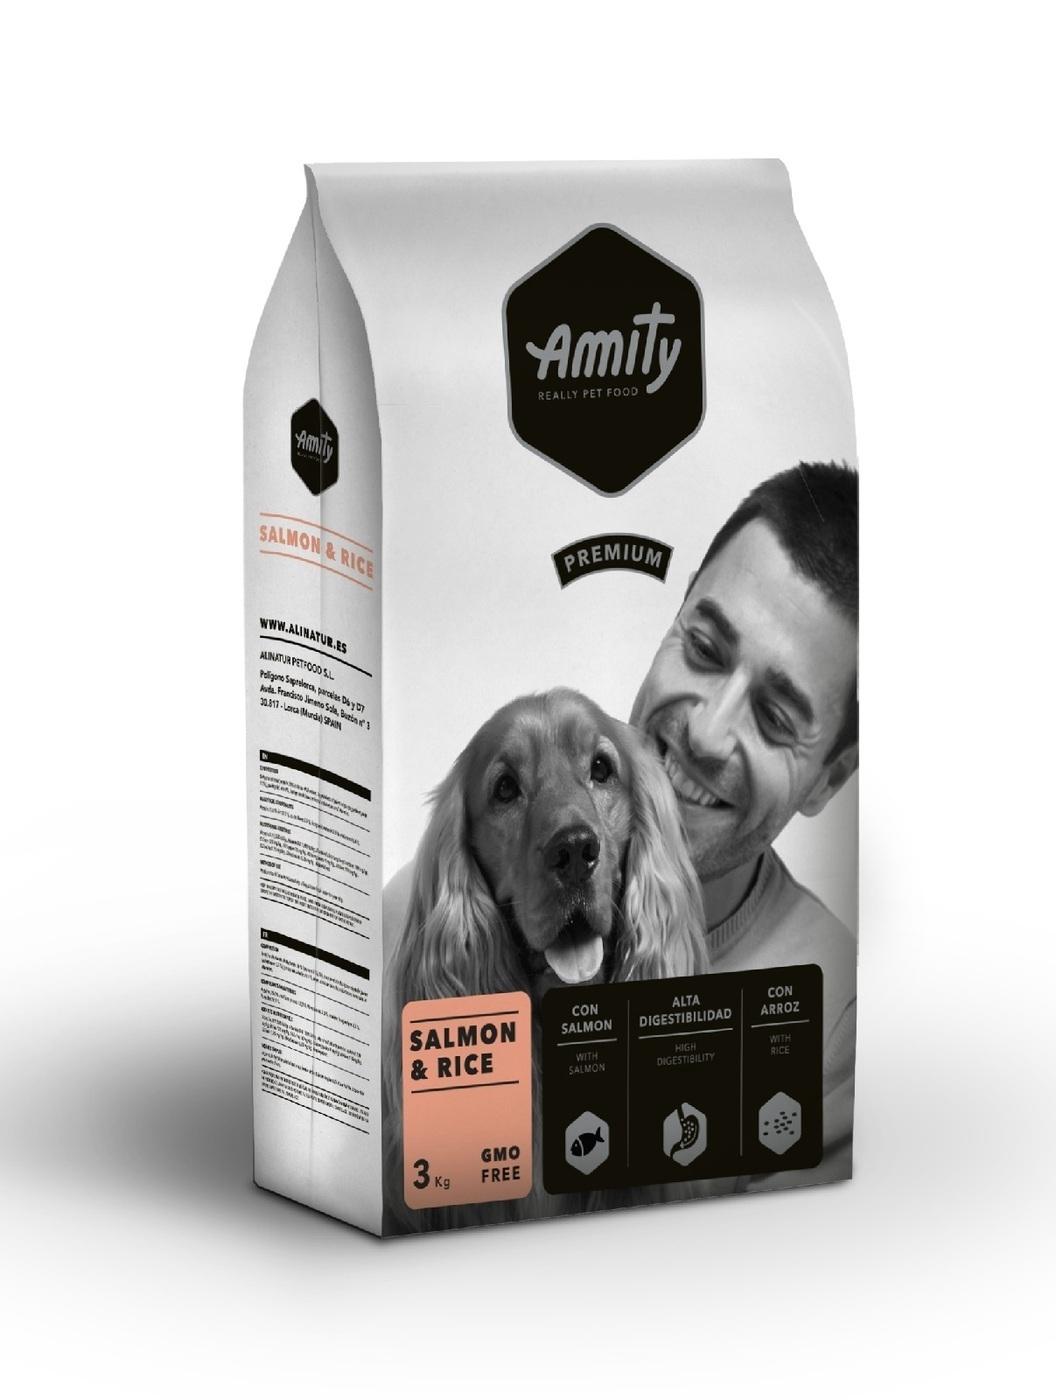 Amity Premium salmon&rice корм для собак Лосось 3кг